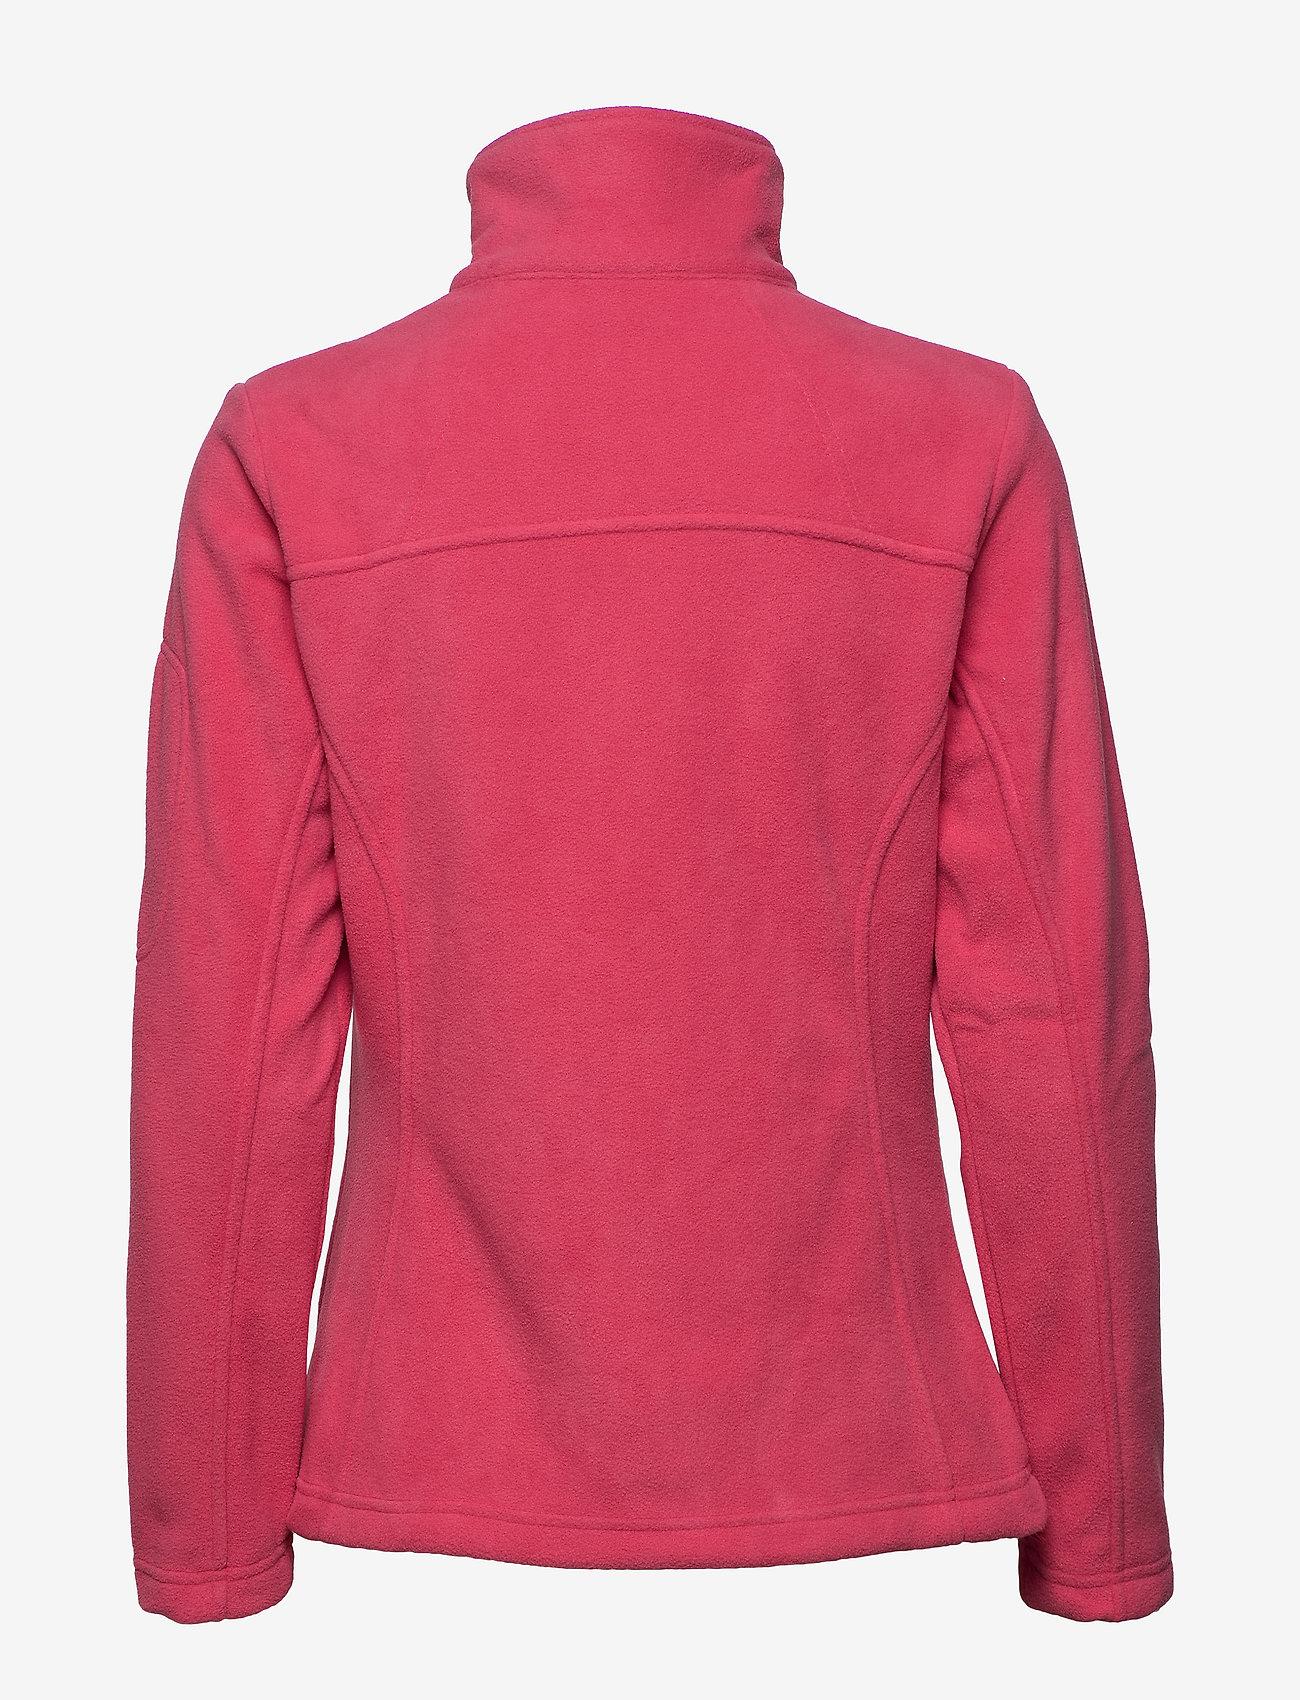 Fast Trek™ Ii Jacket (Rouge Pink) (419.30 kr) - Columbia